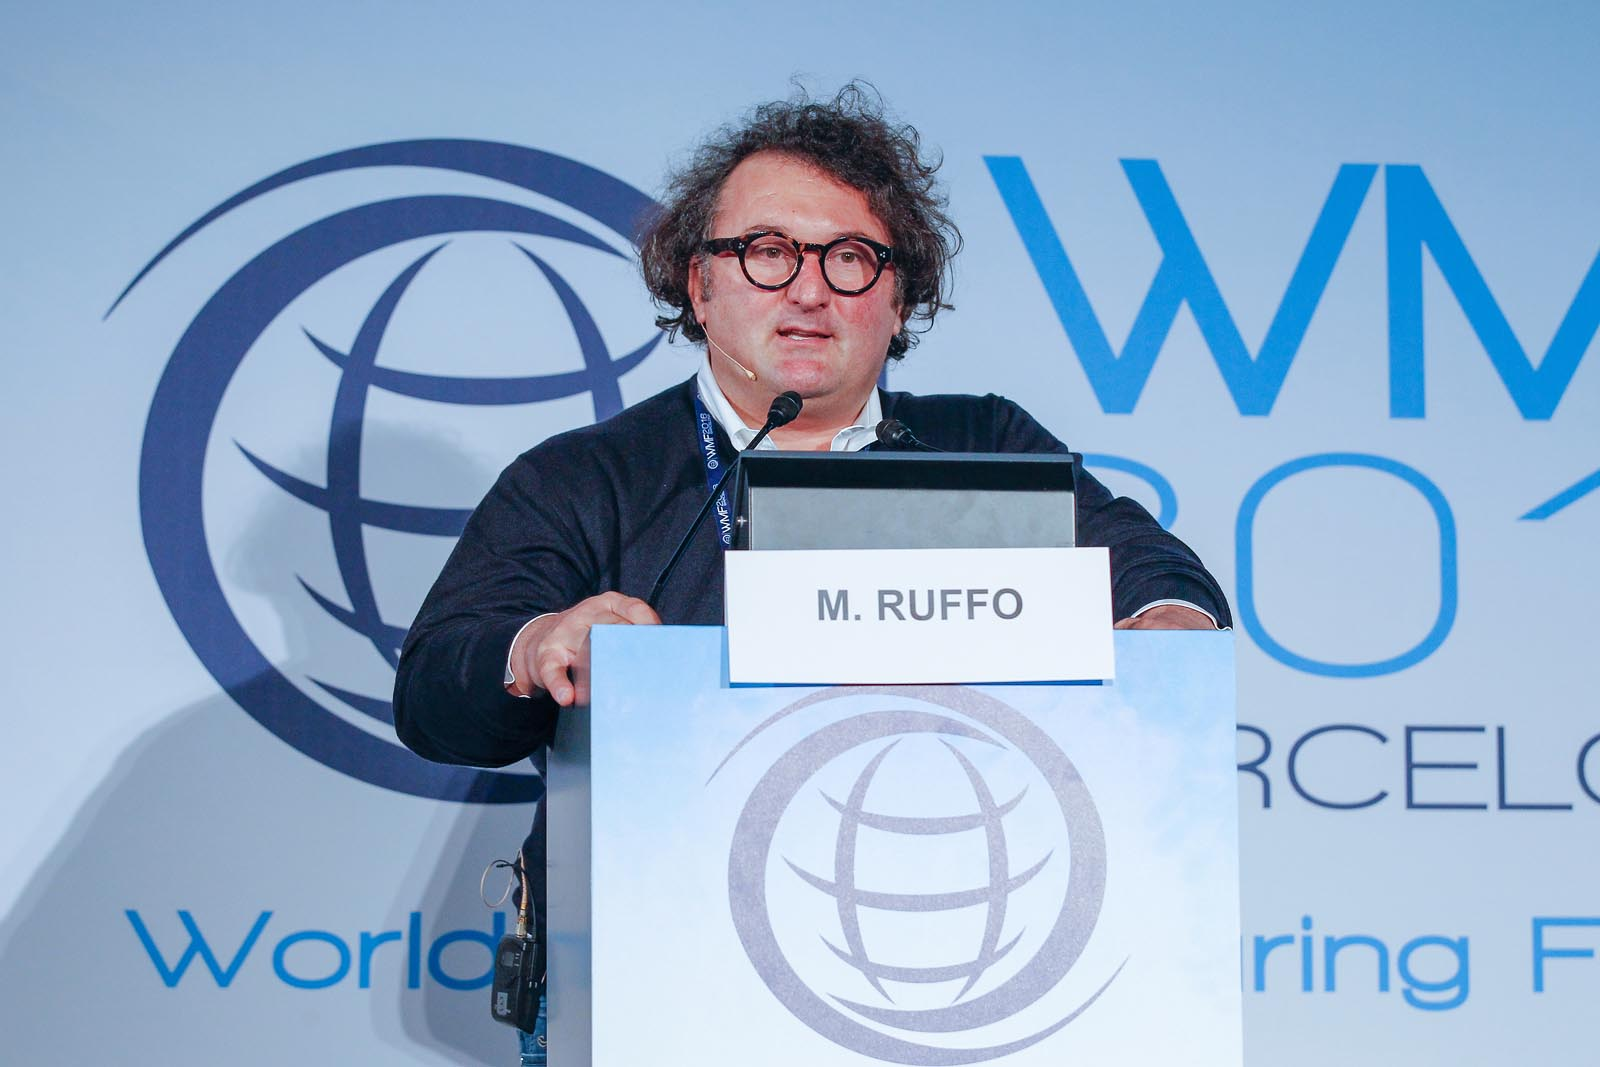 Massimiliano Ruffo